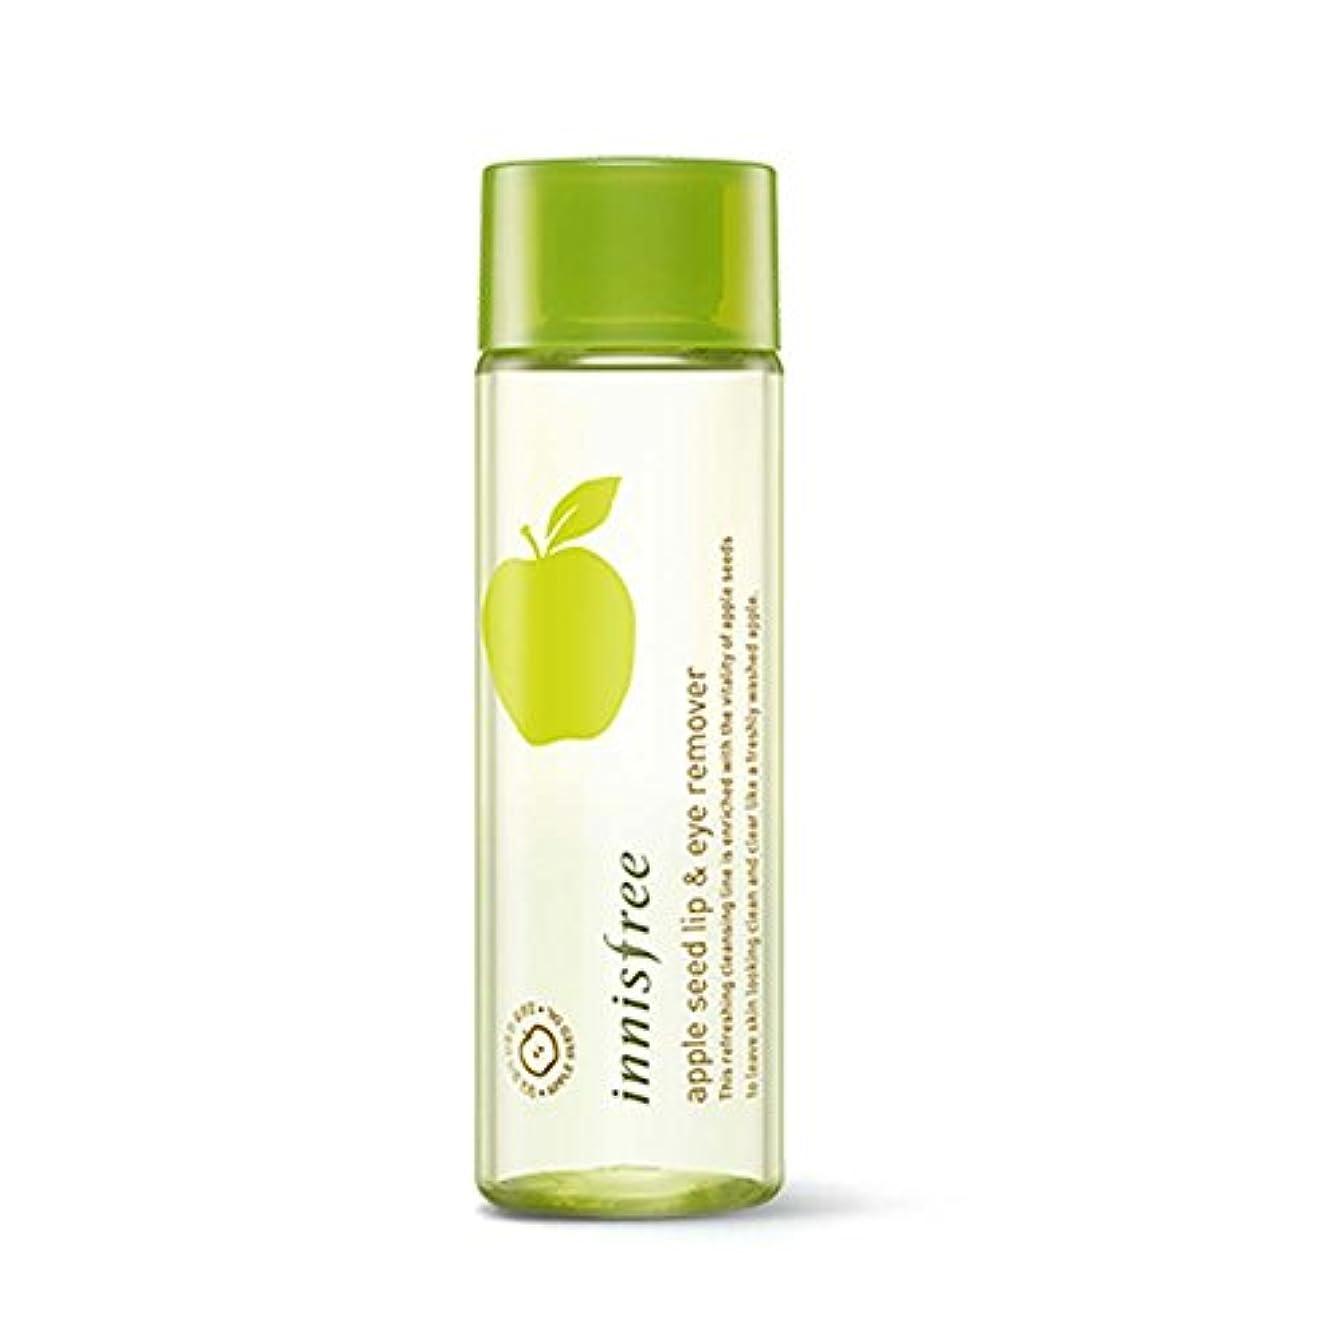 囲まれた暖かさ交換イニスフリーアップルシードリップ&アイリムーバー100ml / Innisfree Apple Seed Lip & Eye Remover 100ml[海外直送品][並行輸入品]